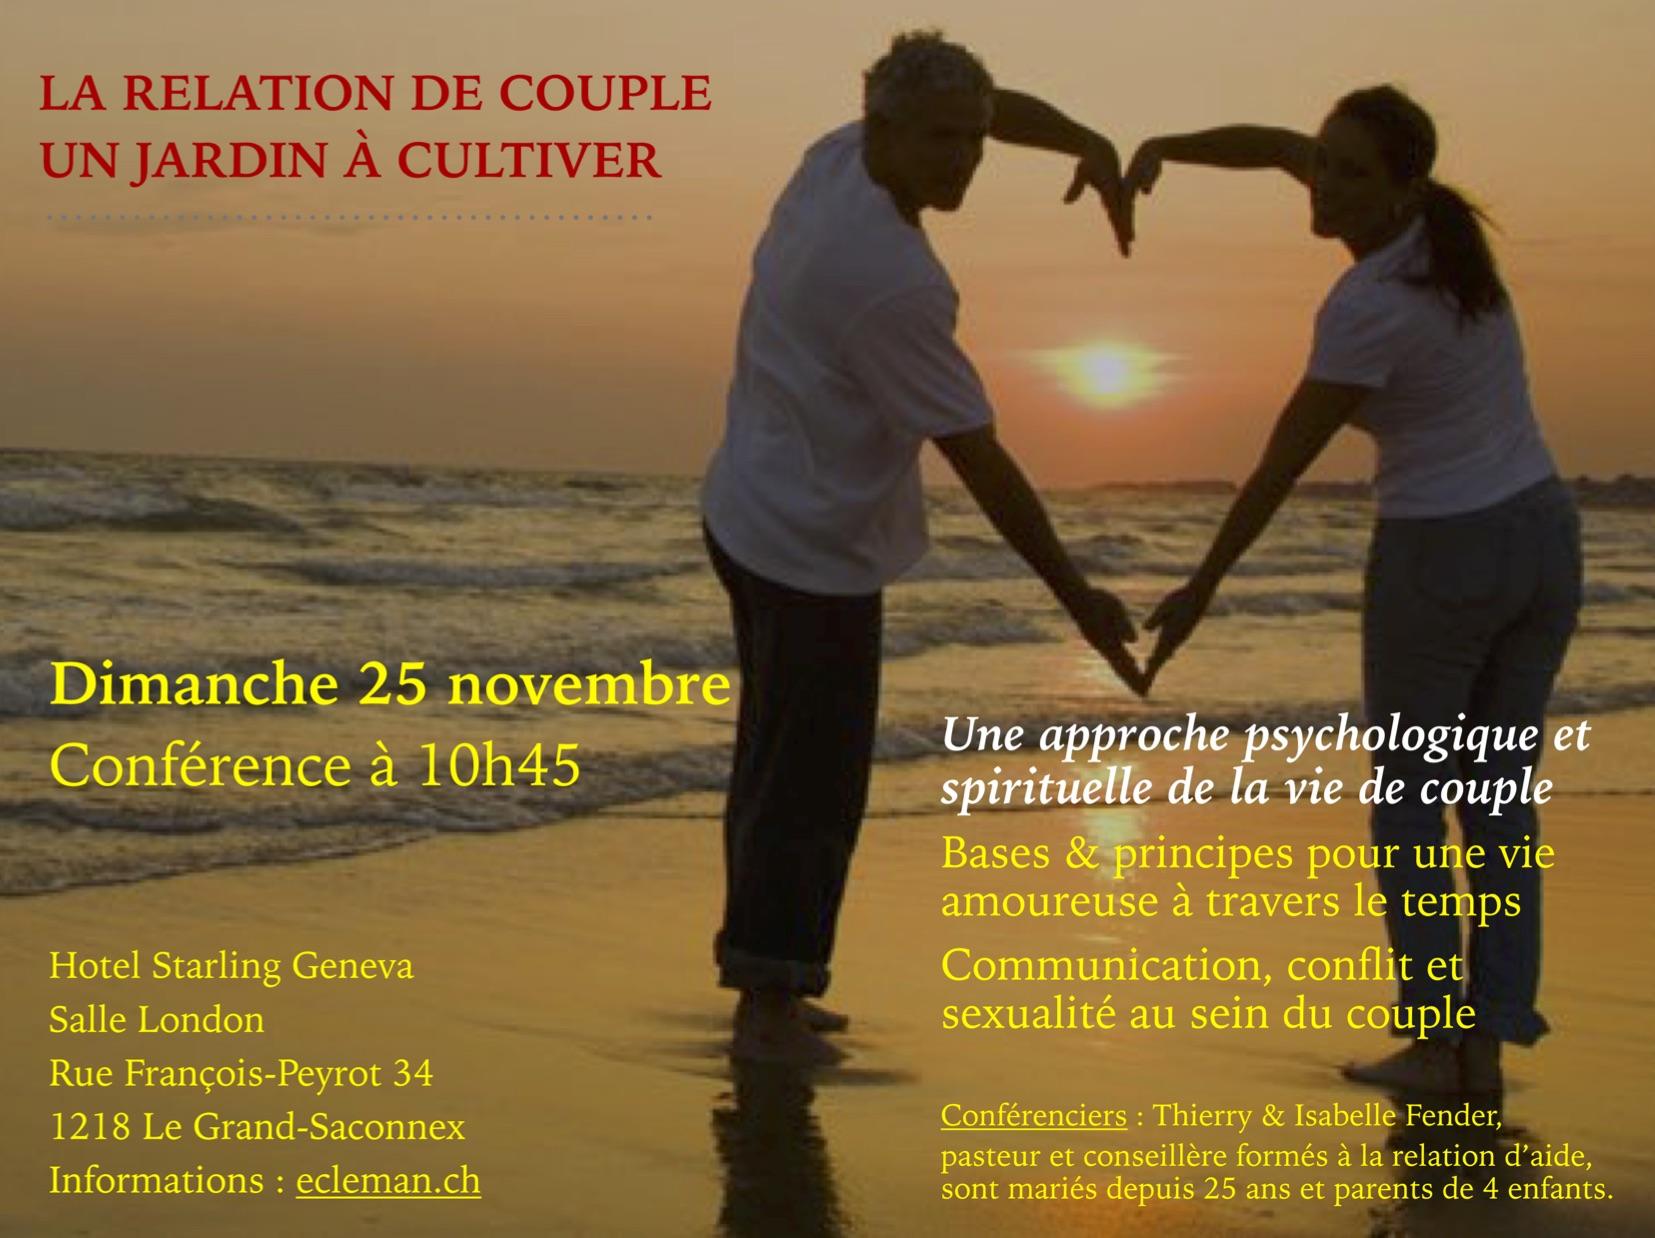 Invitation-Relation-de-couple